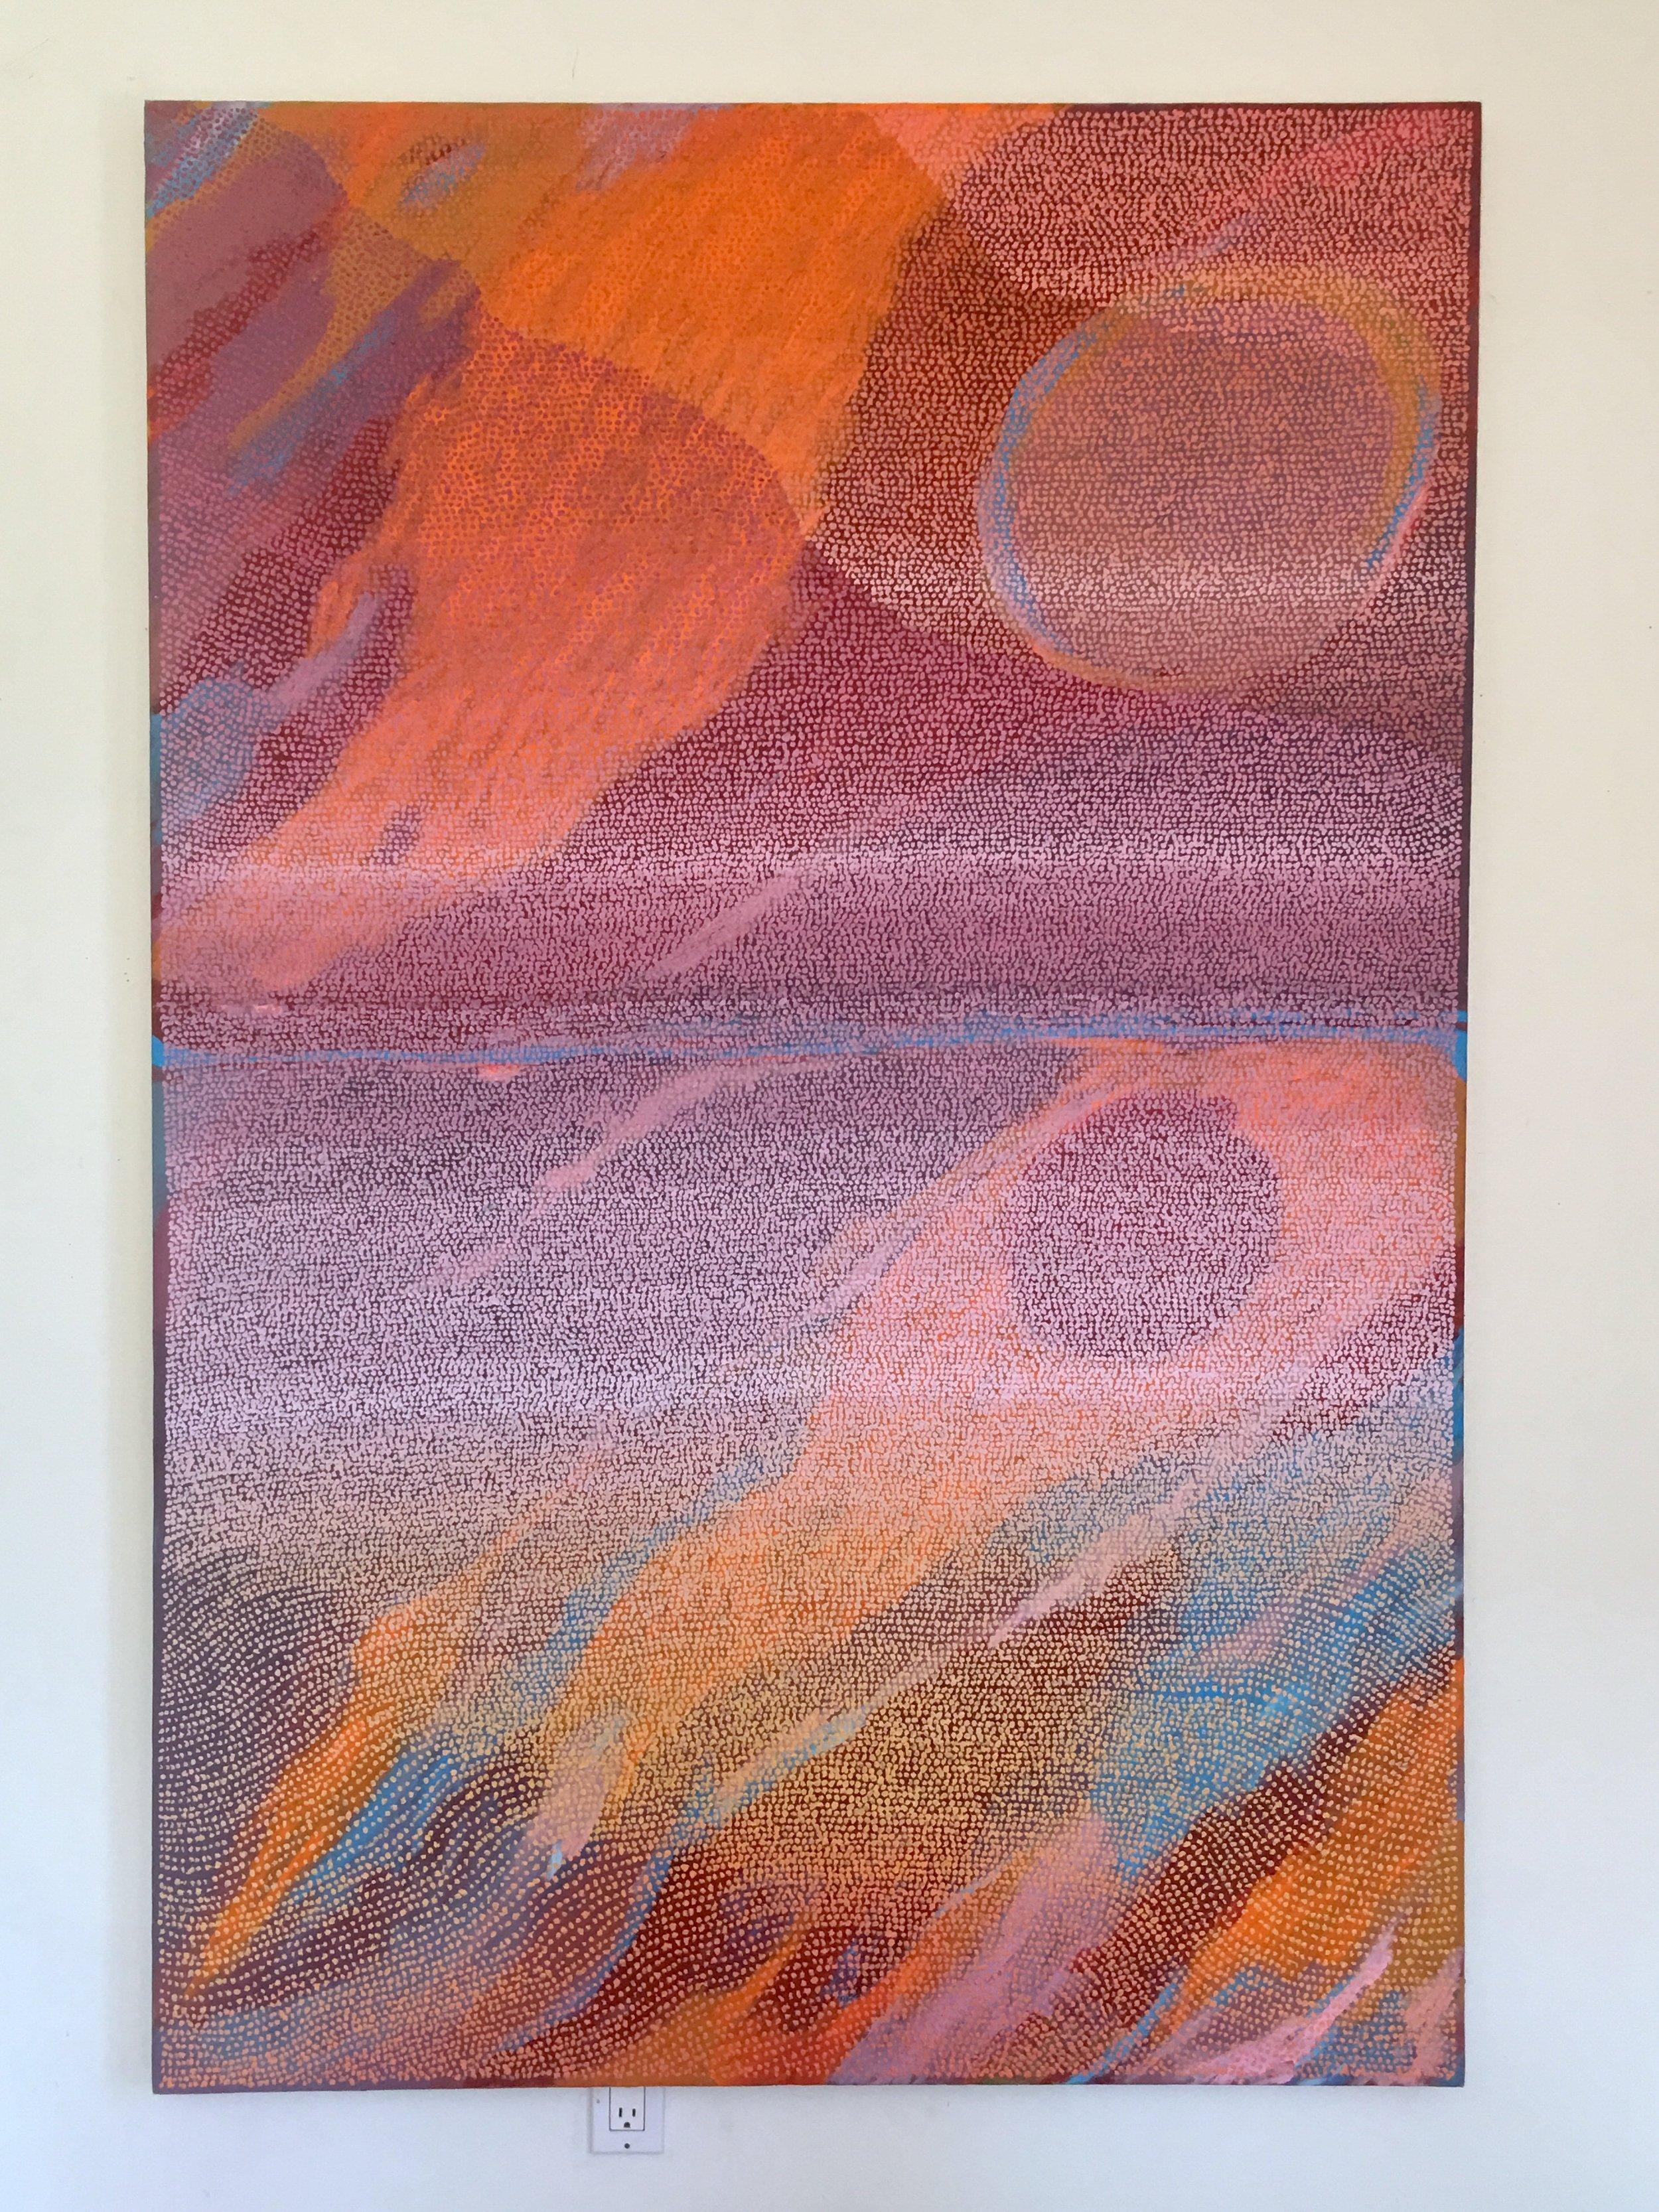 Avalon  , acrylic and pumice on canvas, 2018